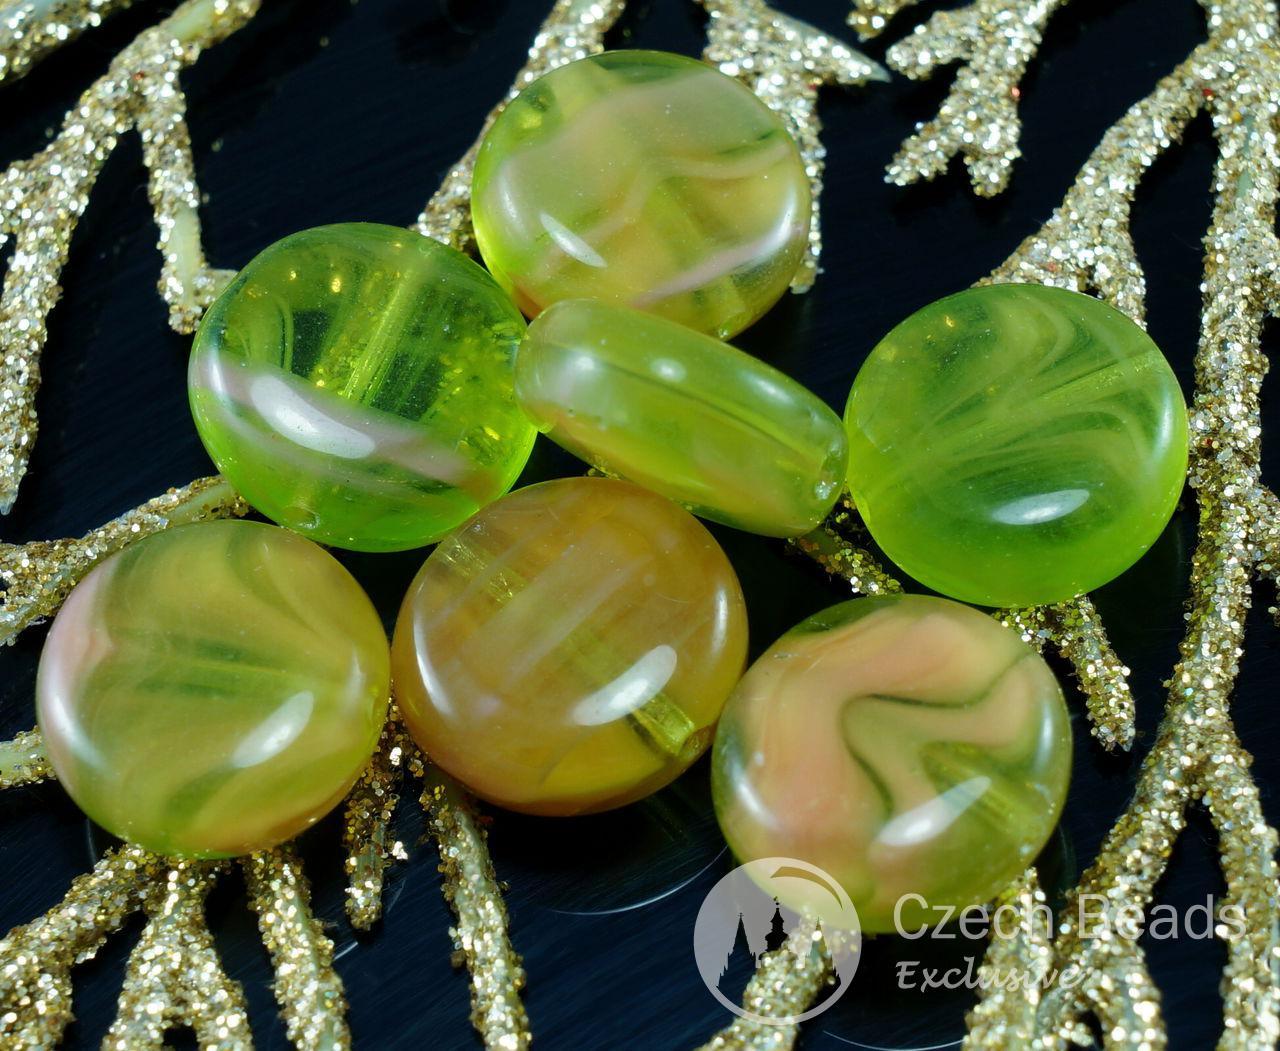 Picasso Vert en Cristal tchèque de Verre Plat Monnaie Rond Perles Tablette de Forme 12mm 16pcs pour $ 2.35 à partir de Czech Beads Exclusive